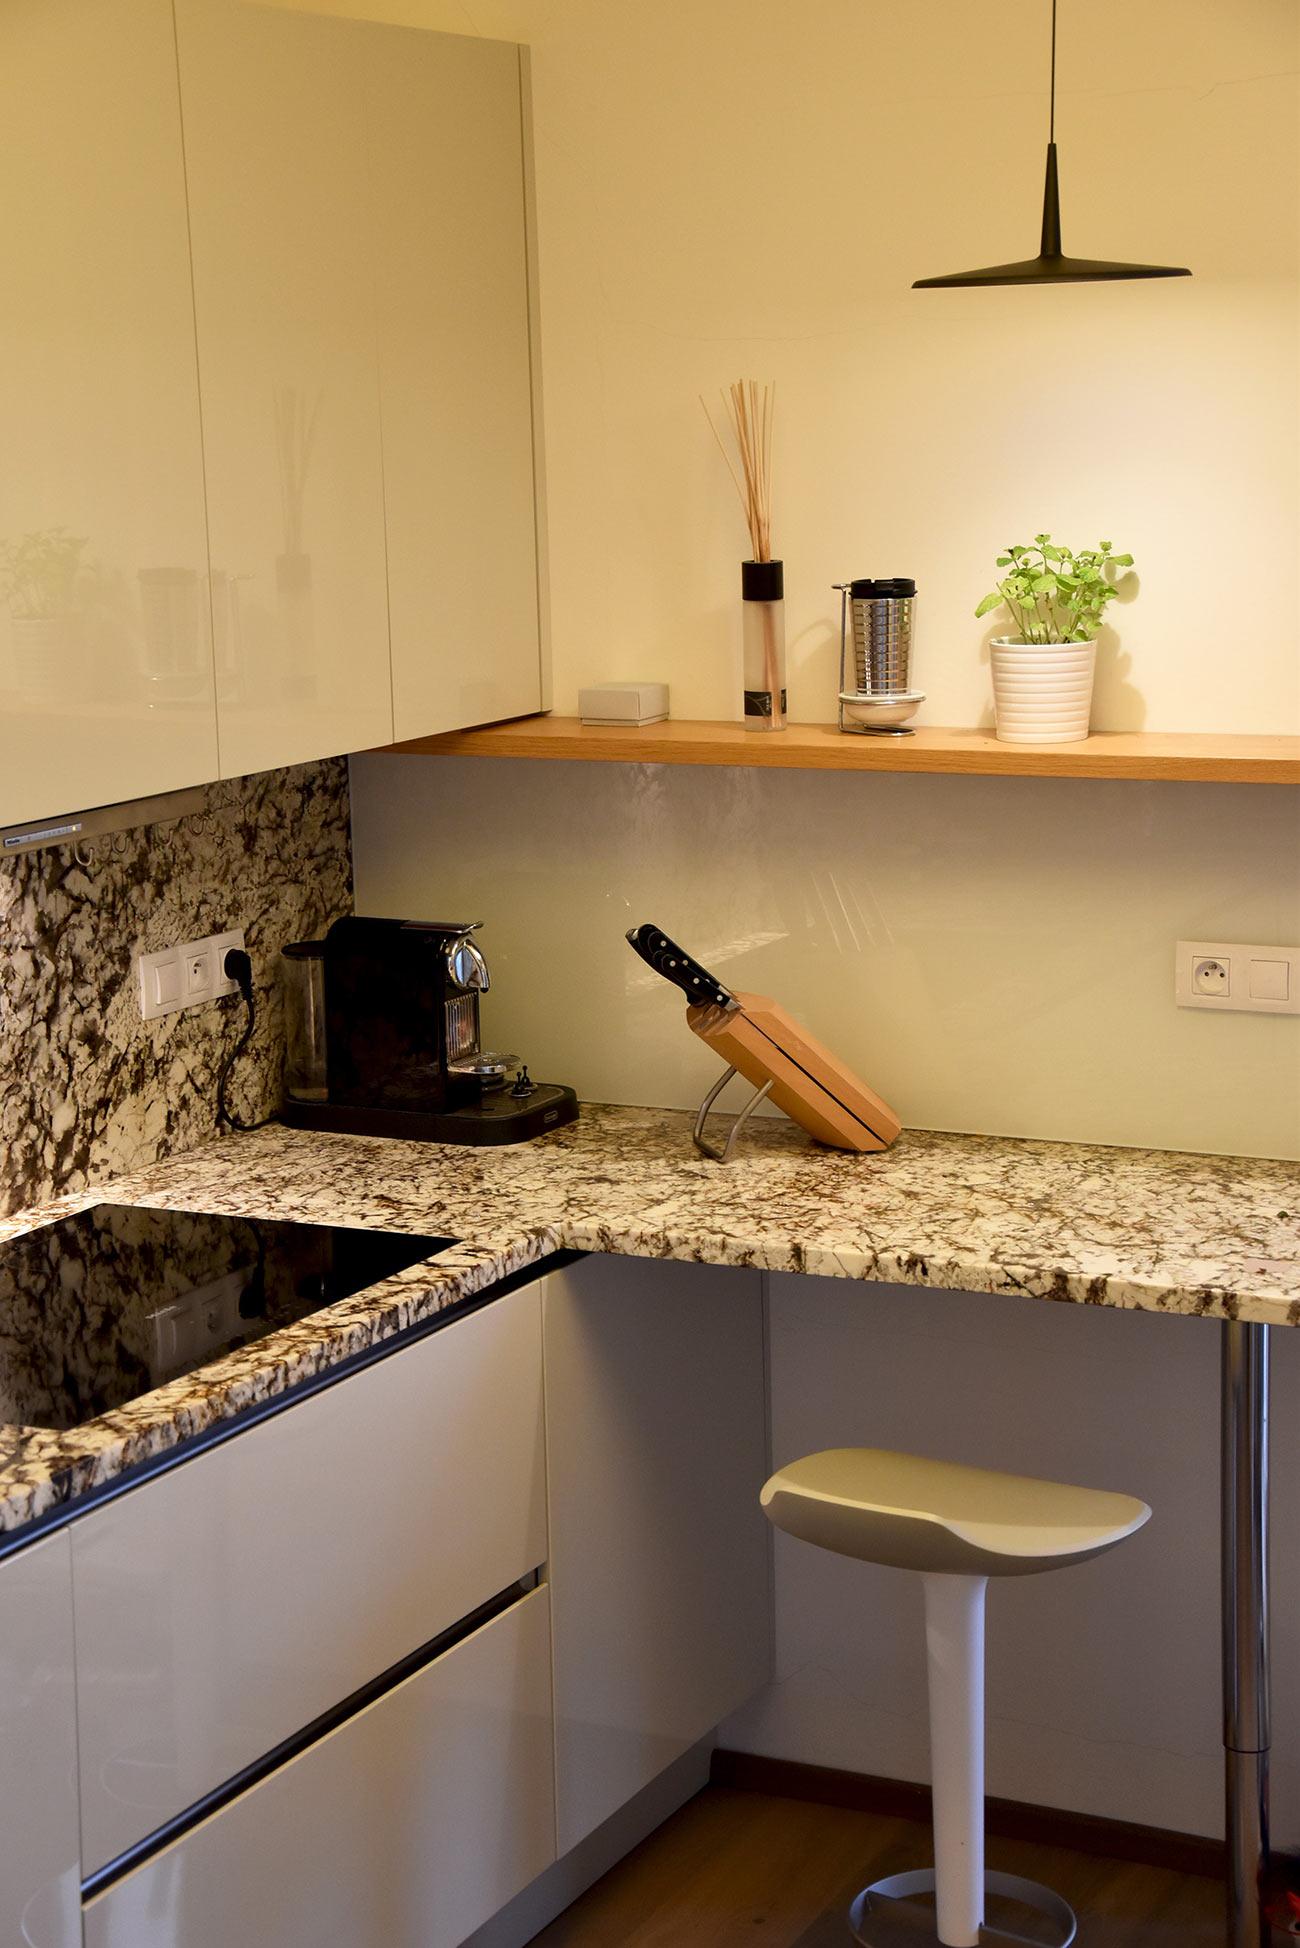 Kuchyňská linka, lak, dřevo, sklo a kámen.